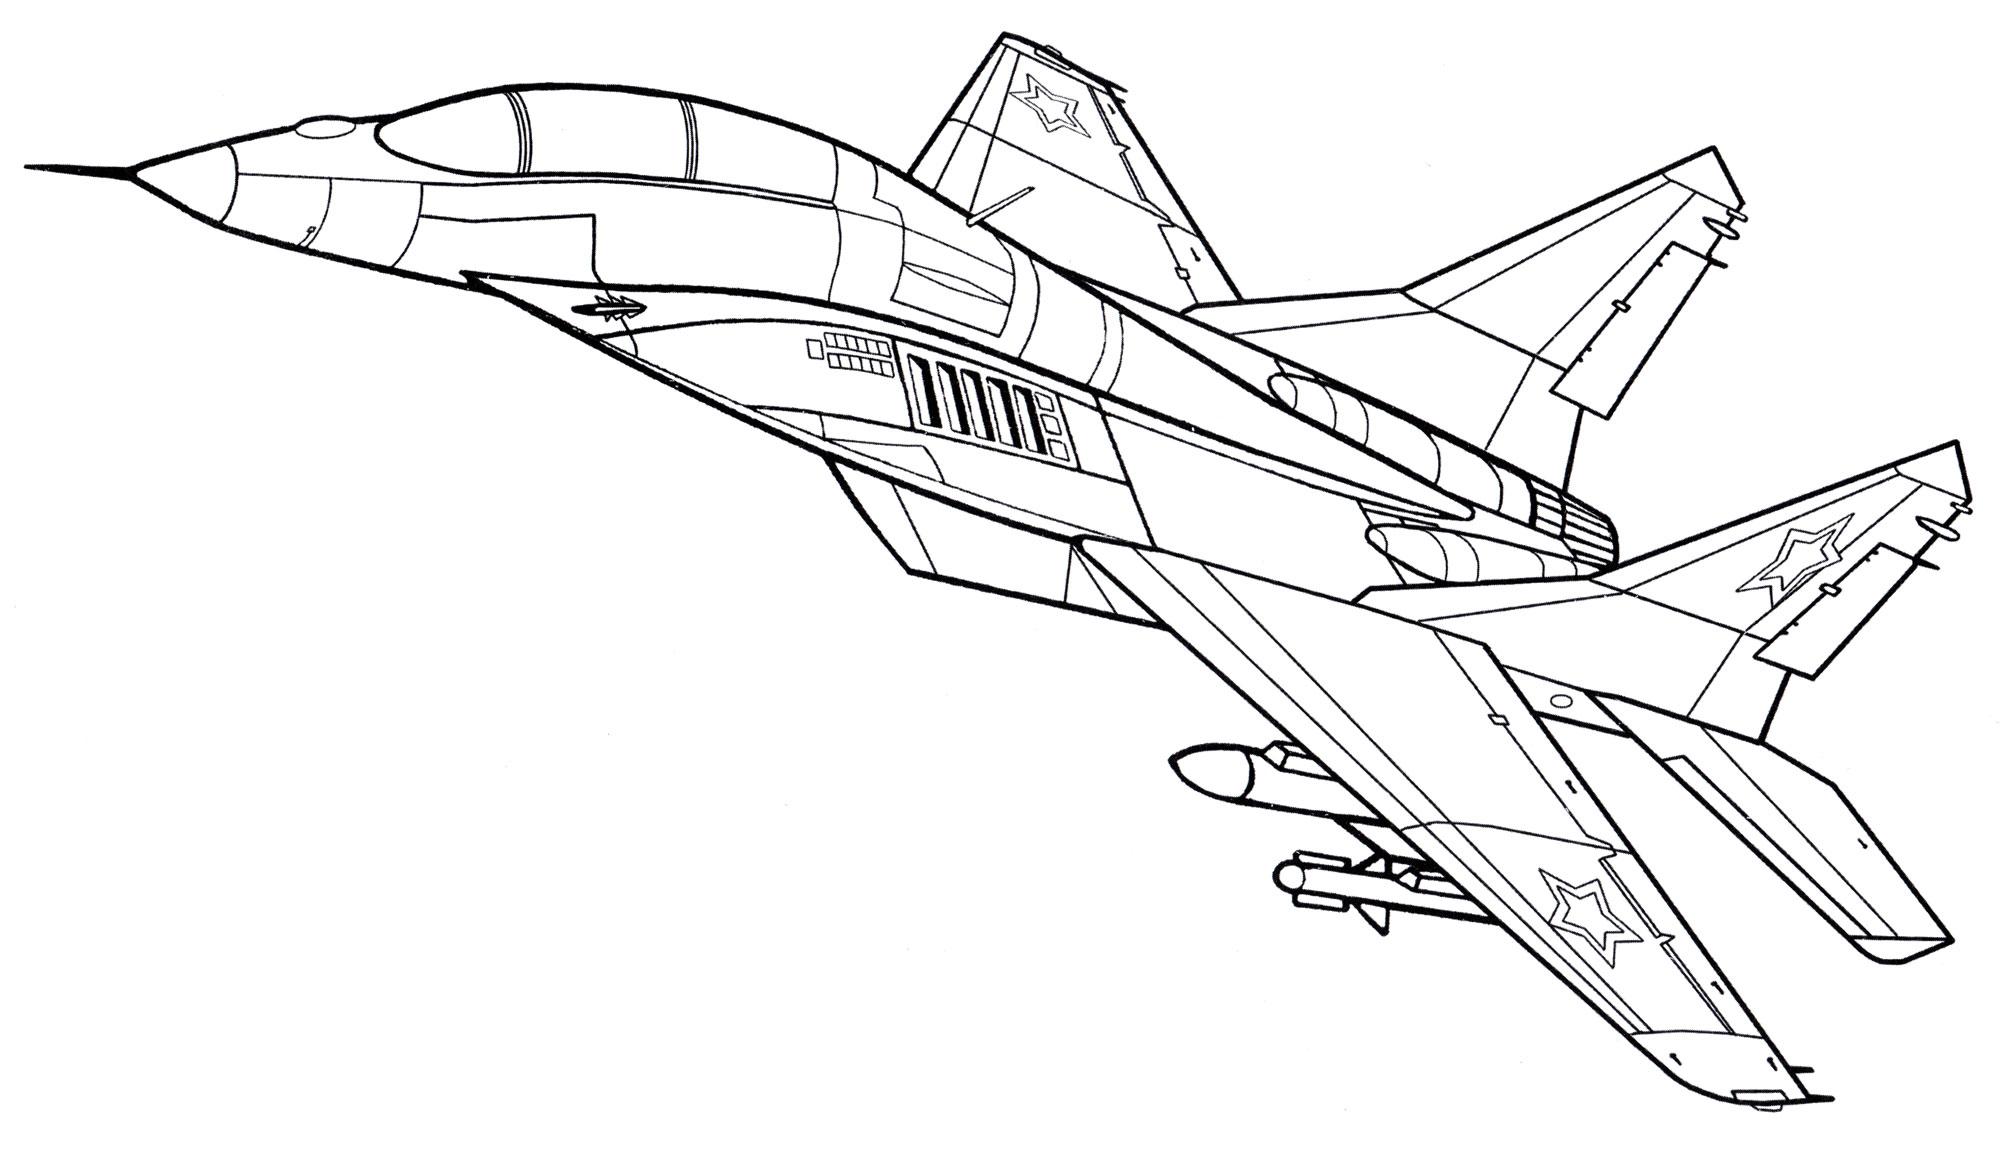 Раскраска Фронтовой истребитель МиГ-29 - распечатать бесплатно